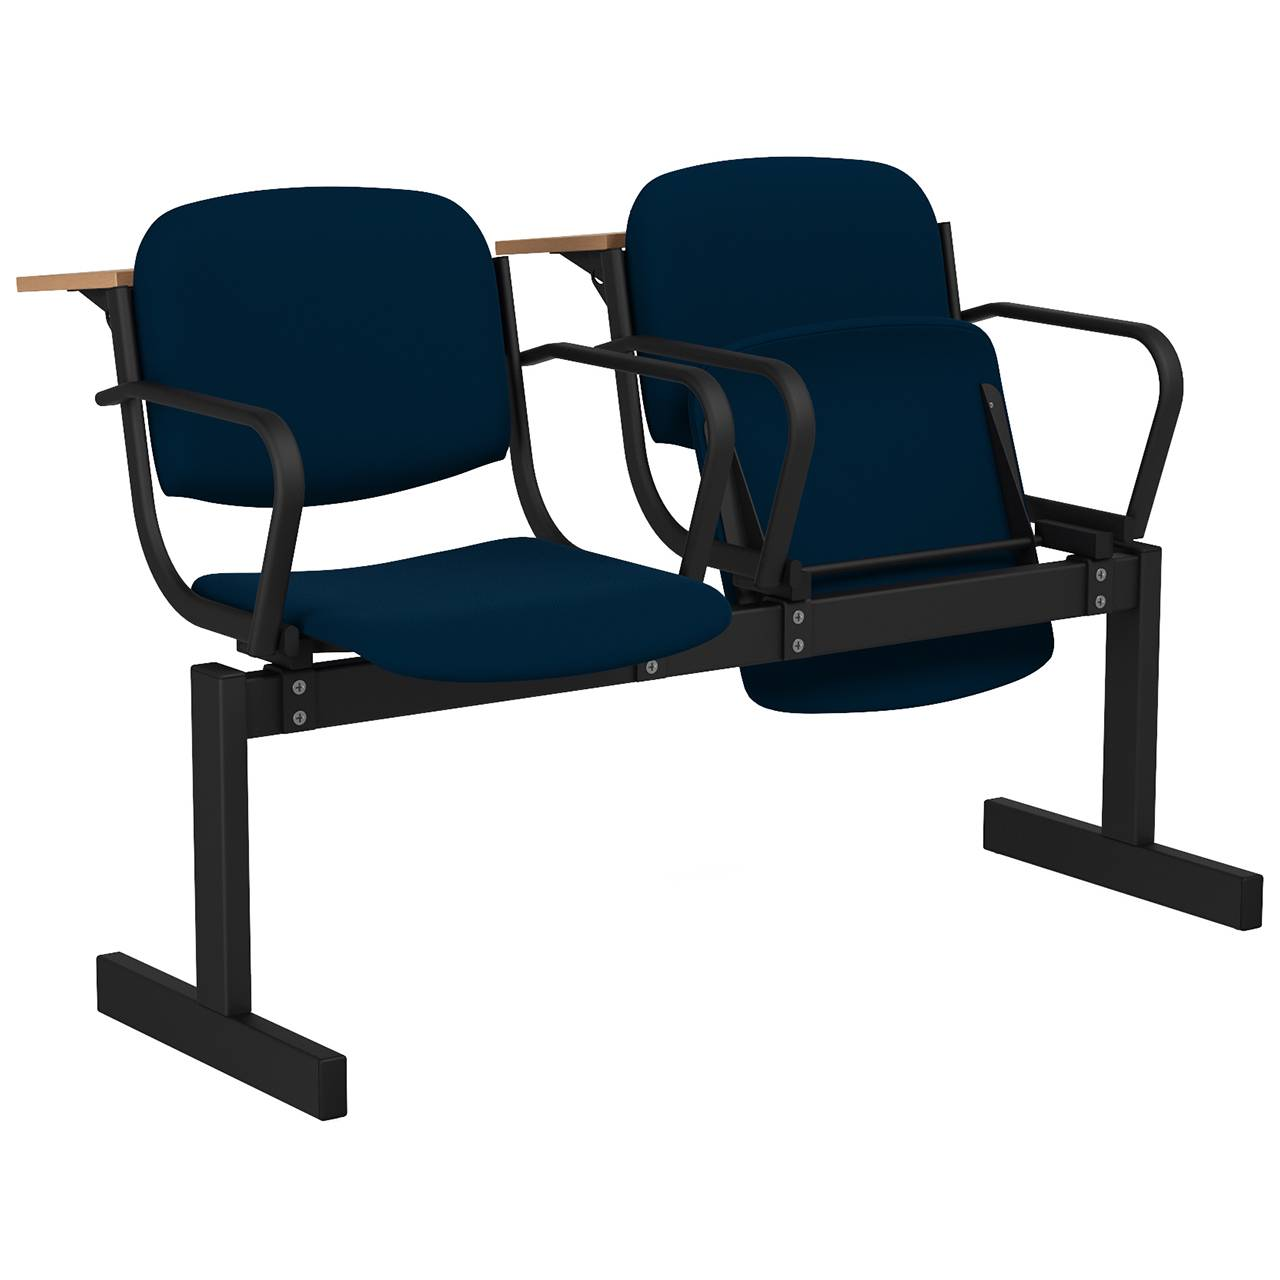 2-местный, откидывающиеся сиденья, мягкий, подлокотники, лекционный черный синий Флок